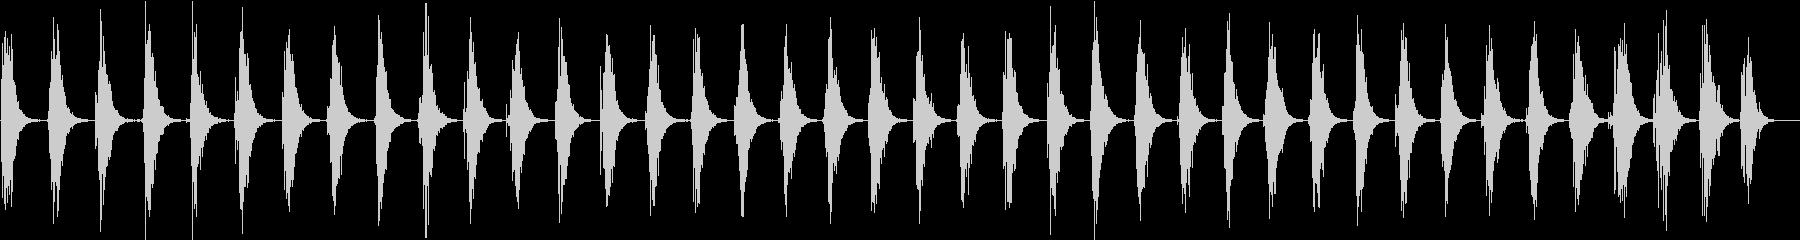 中級スタジオオーディエンス:ユニオ...の未再生の波形